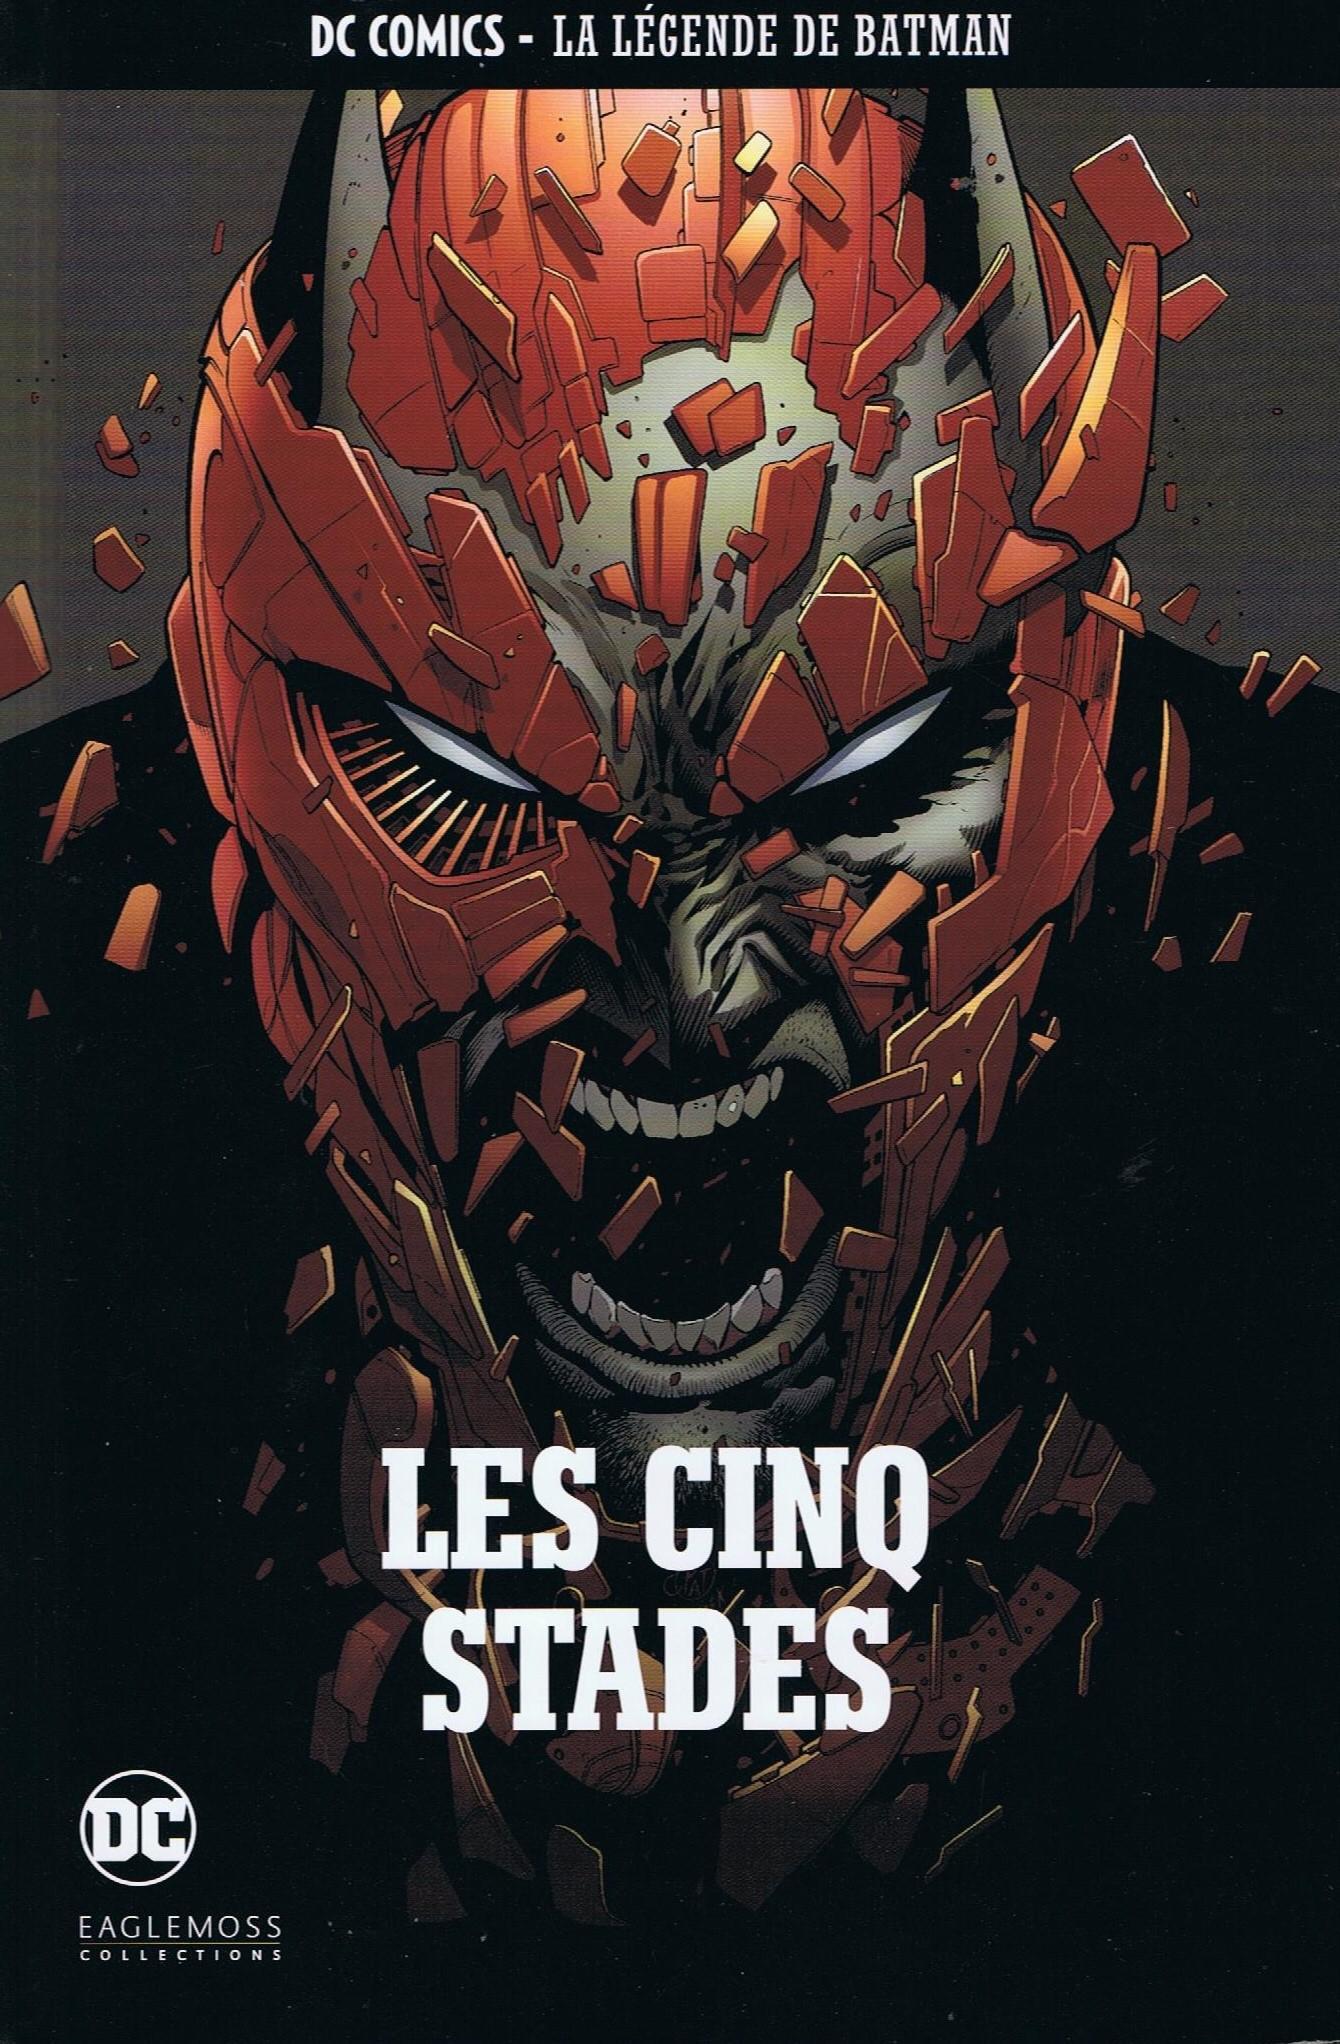 DC Comics - La Légende de Batman 73 - Les cinq stades